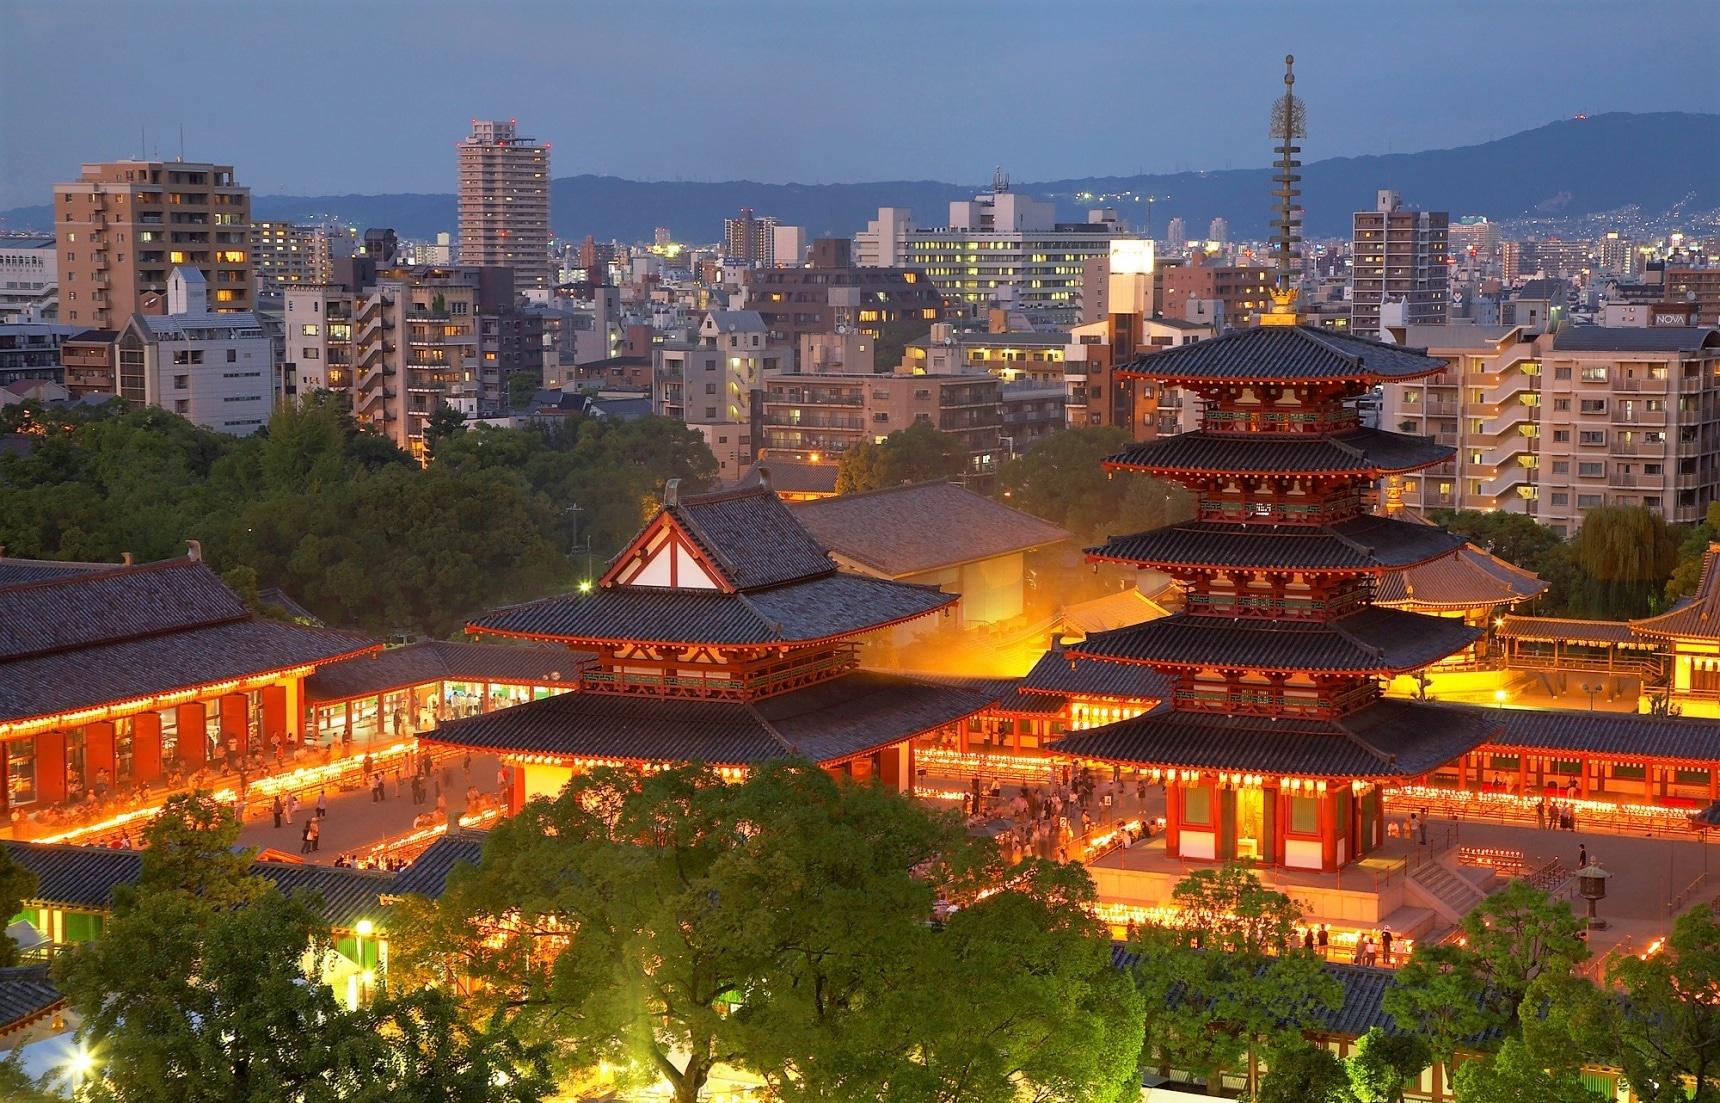 找回心靈寧靜的角落!到歷史悠久的大阪「下寺町」體驗新時代寺廟宿坊